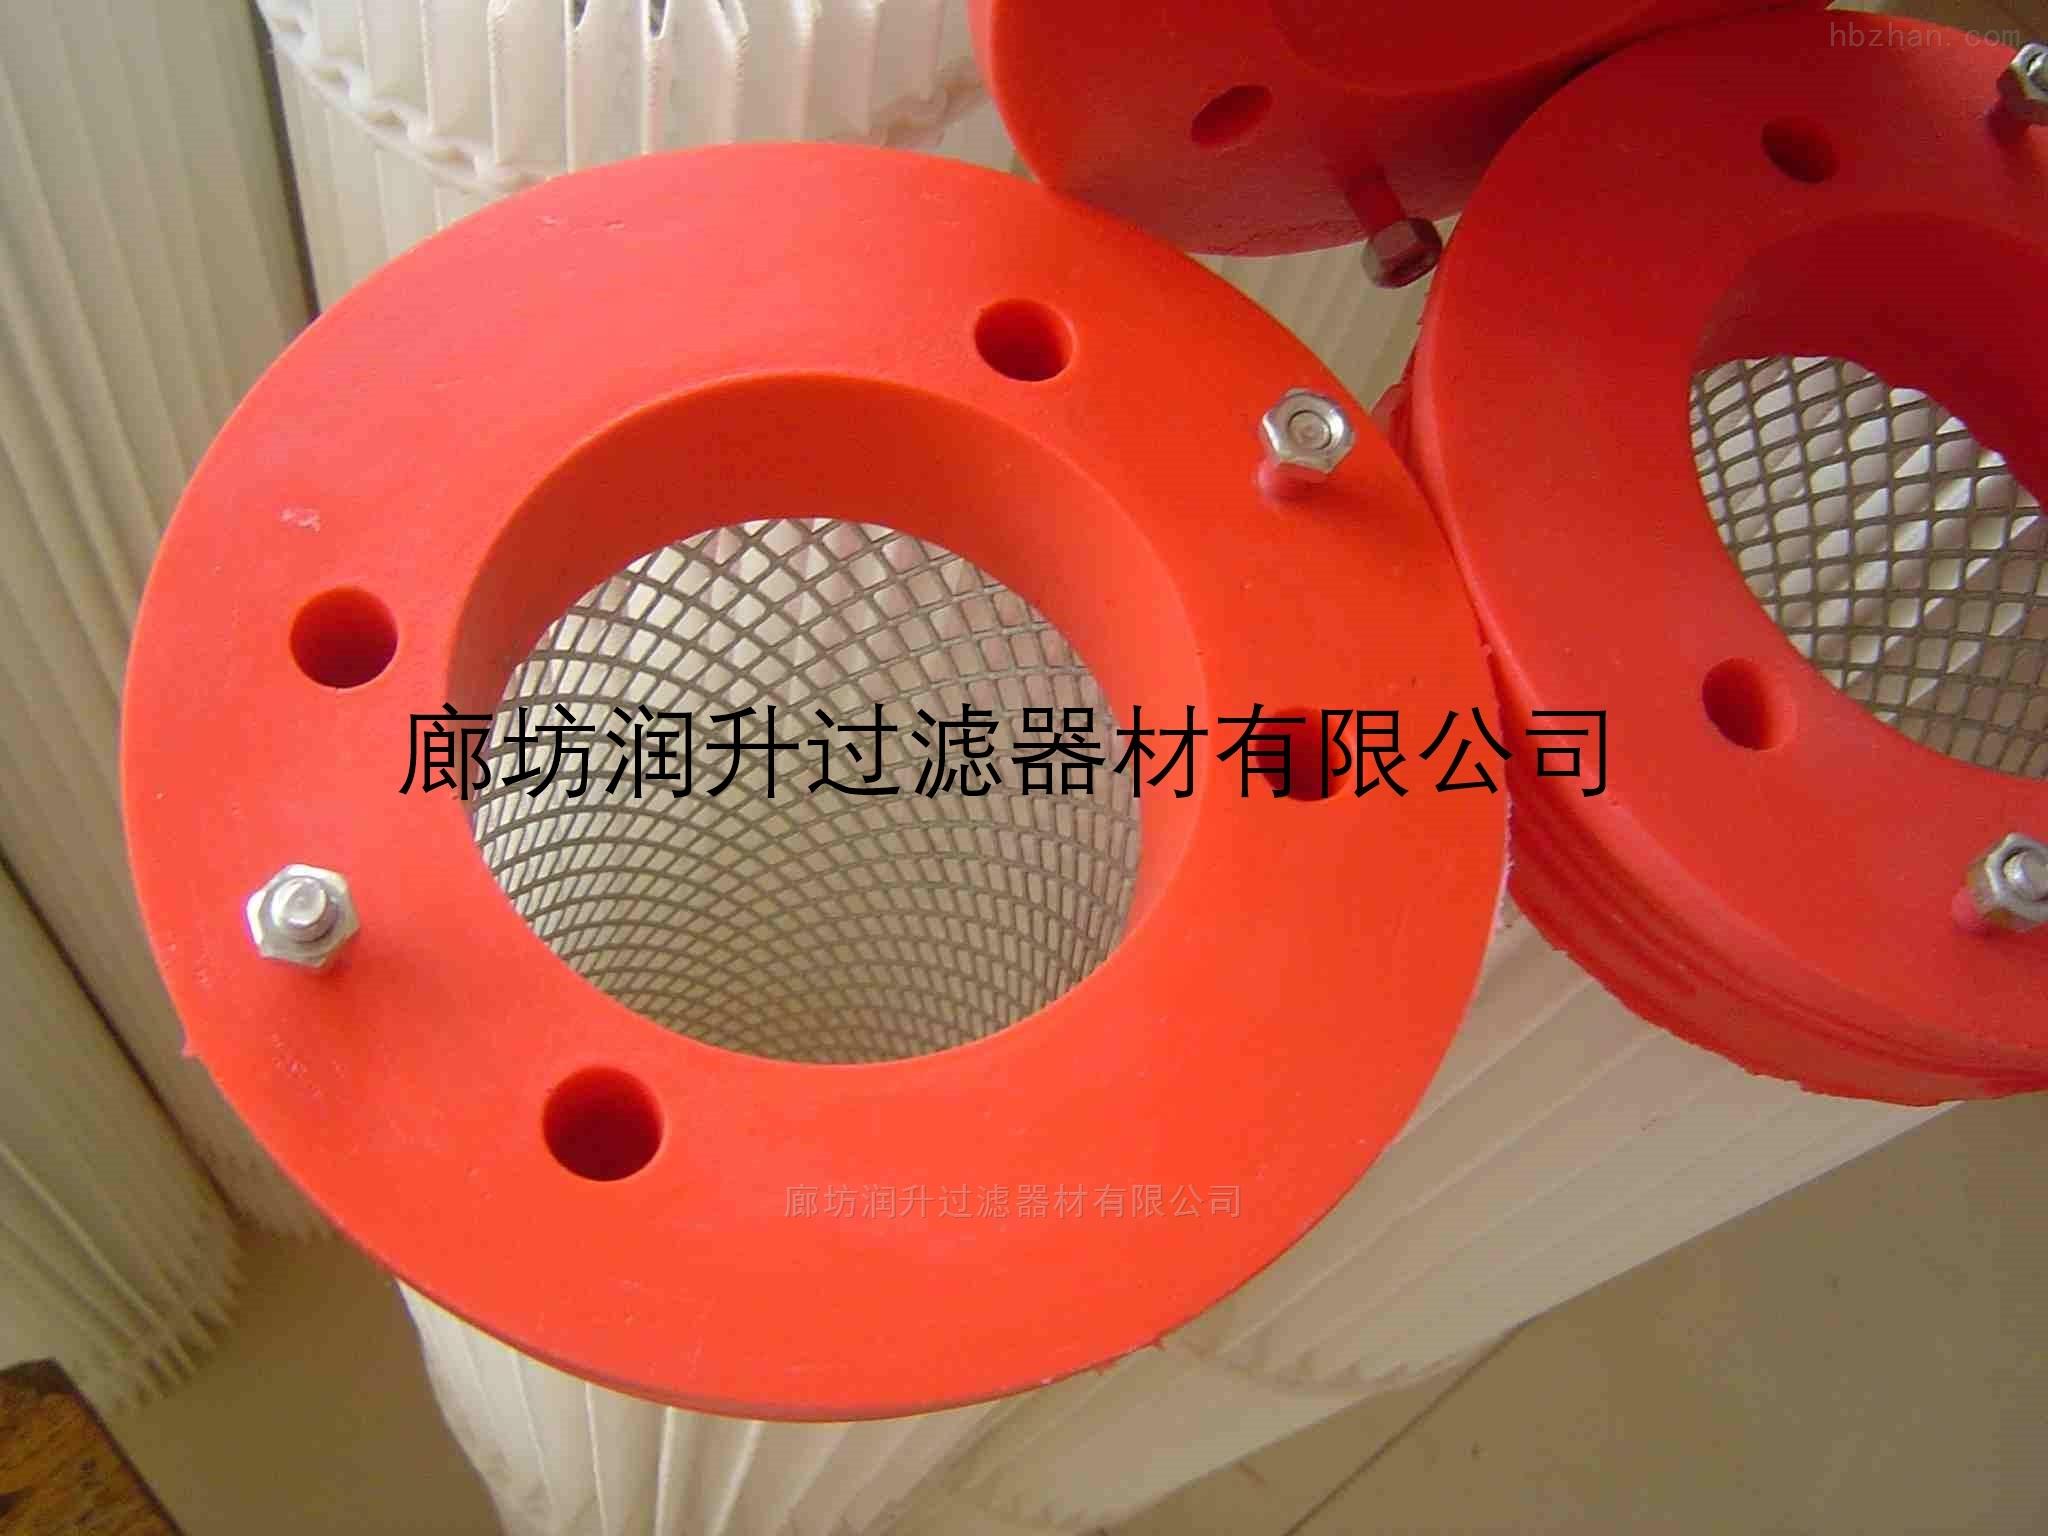 晋中DFM40PP005A01滤芯厂家批发